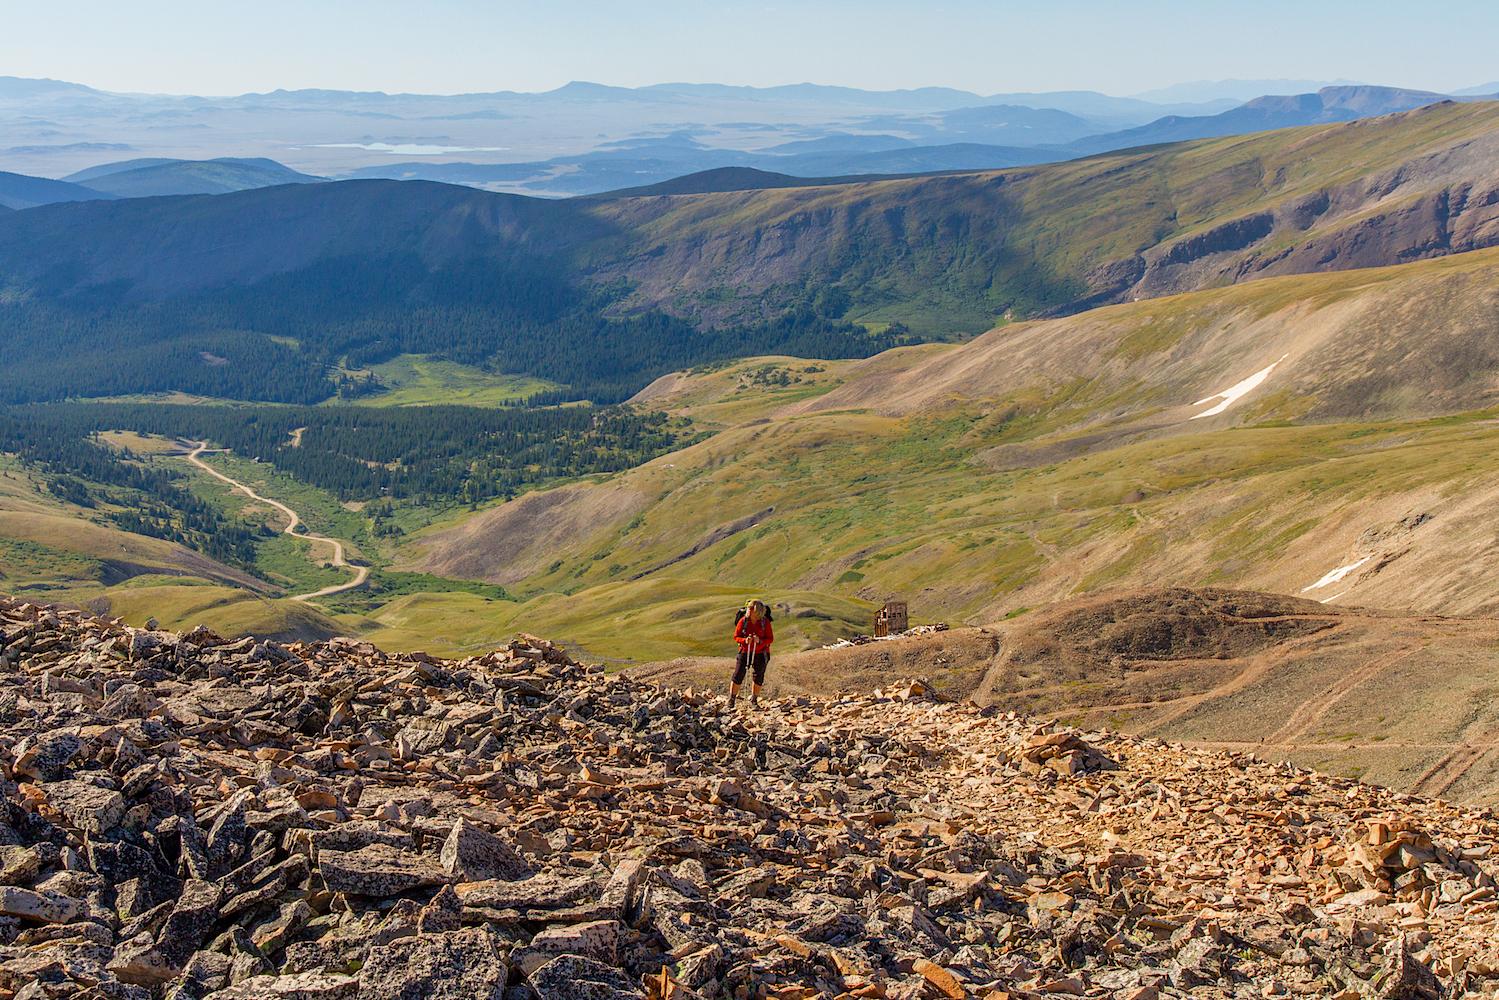 Zarita hiking up Mount Sherman, Image # 1719